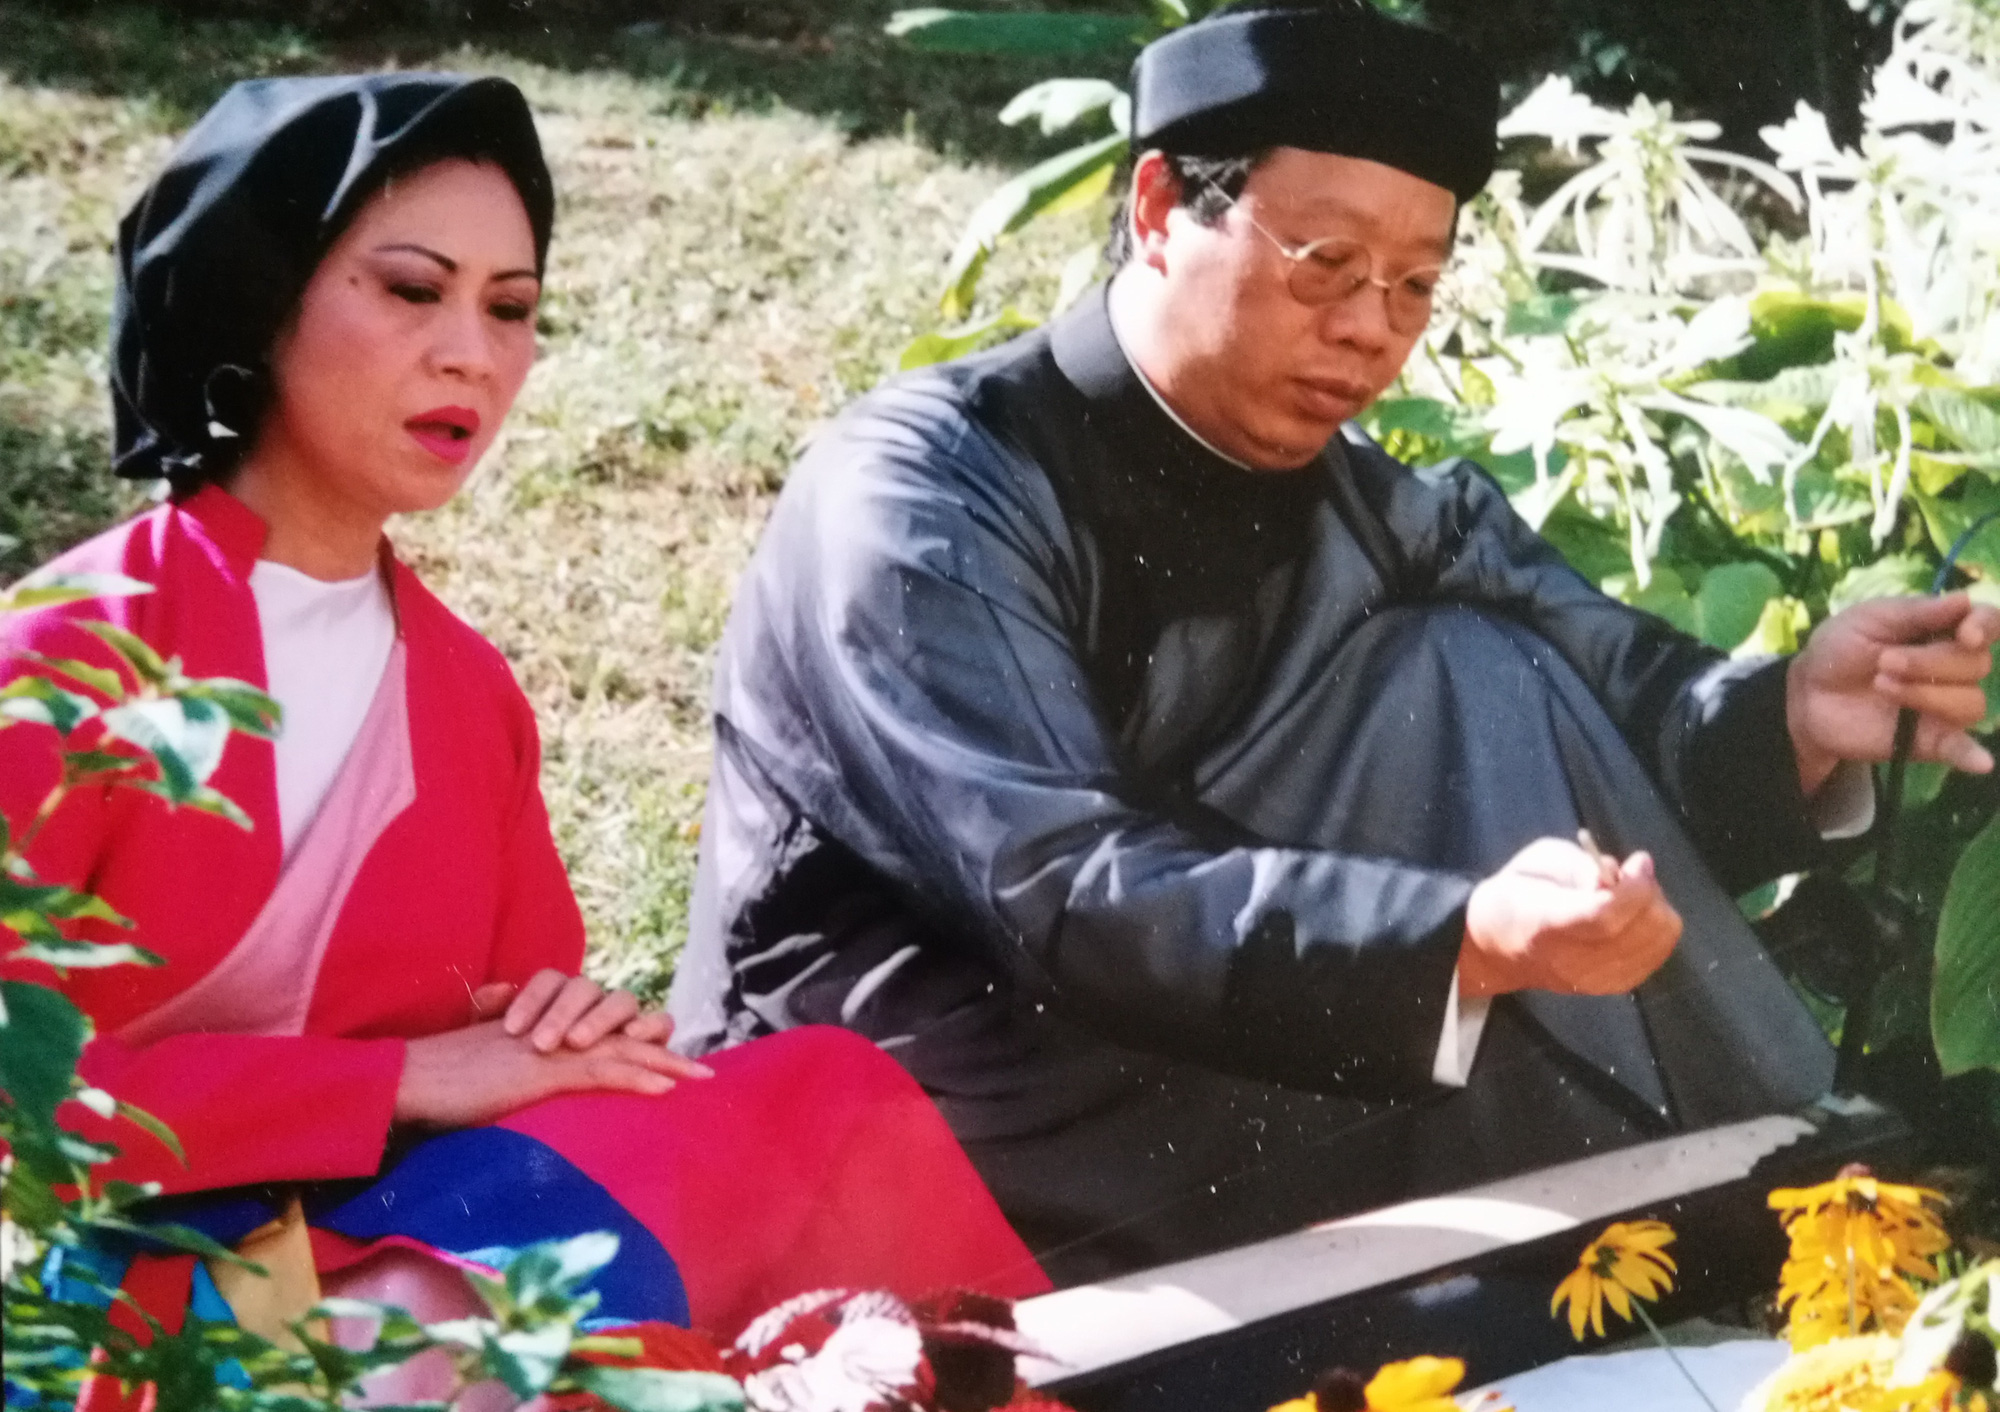 Cuộc hôn nhân 43 năm ngọt ngào của GS-TS Trần Quang Hải và danh ca Bạch Yến - Ảnh 2.